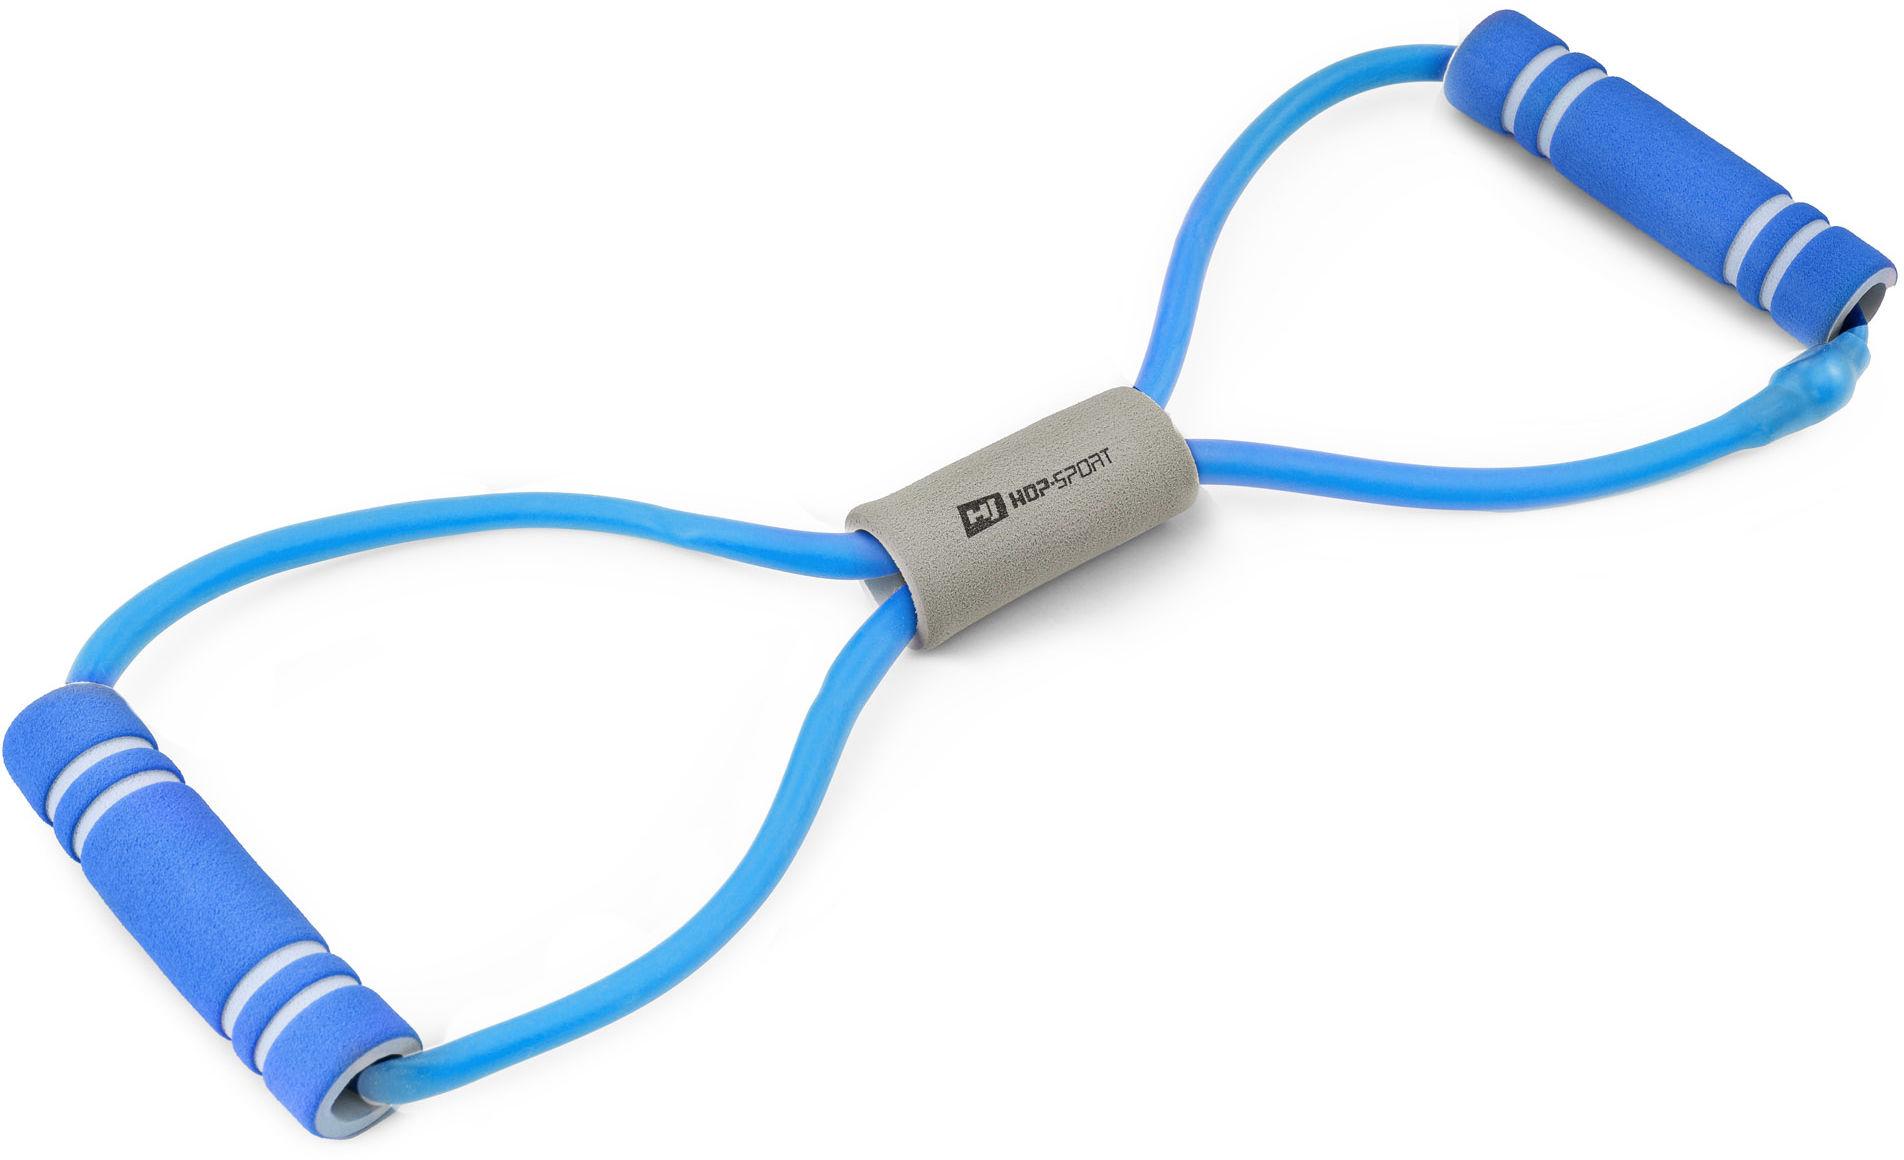 Ekspander gumowy z piankowymi uchwytami niebieski